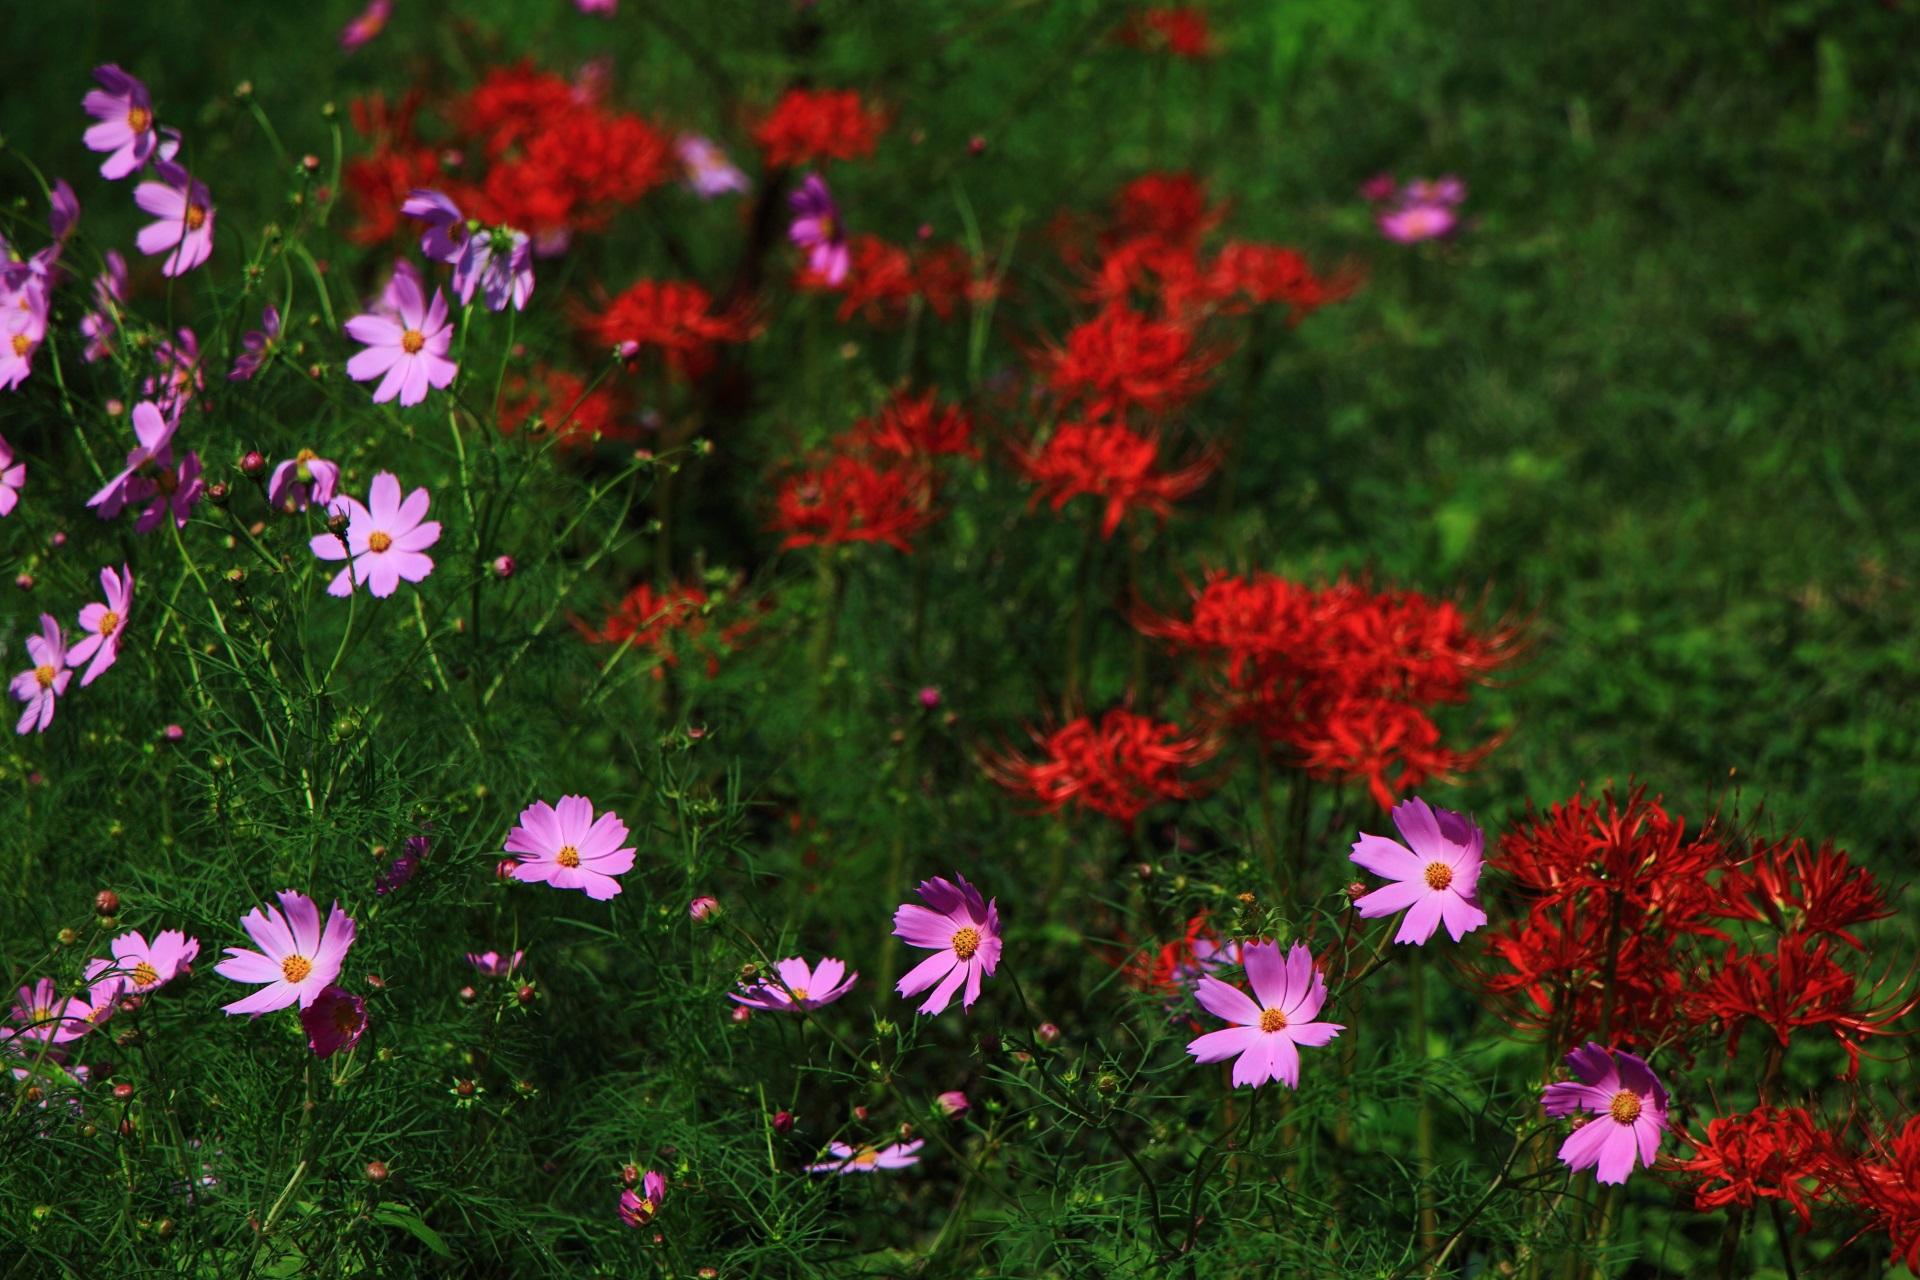 いろんな場所に華やかに咲くコスモスと赤い彼岸花